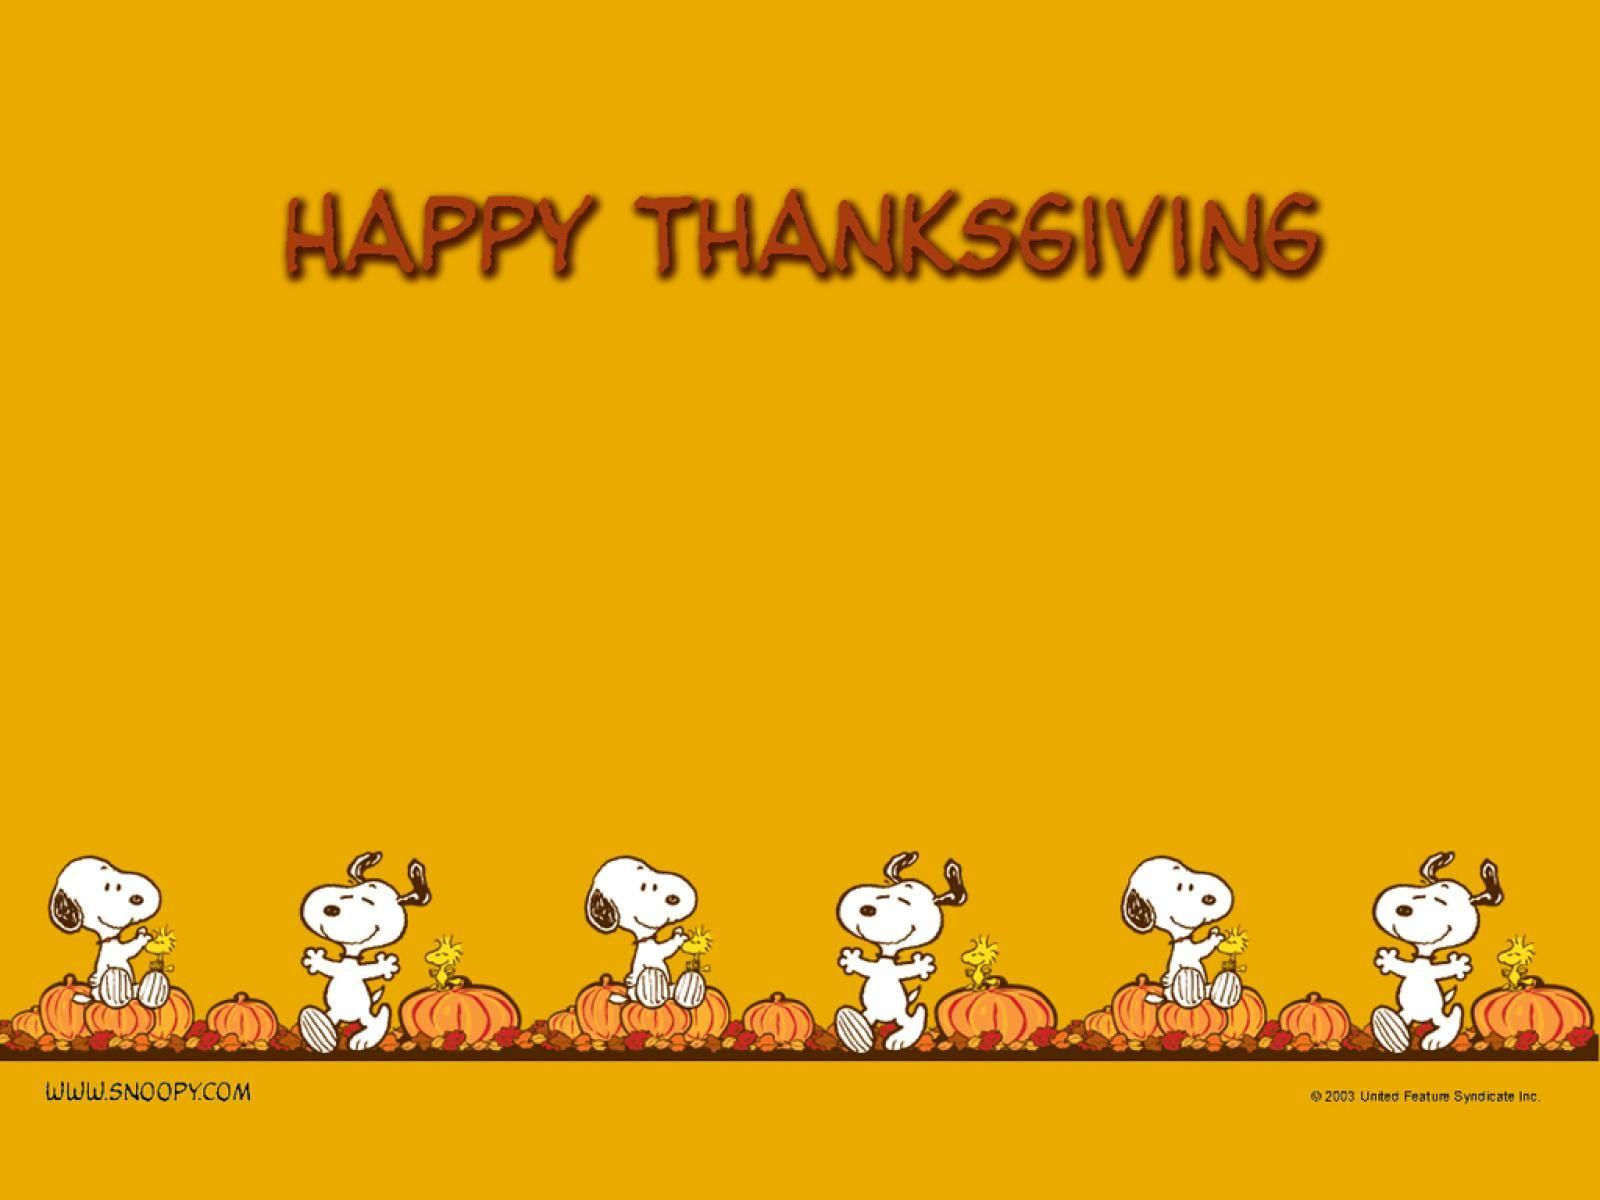 Thanksgiving Wallpaper Free Mac